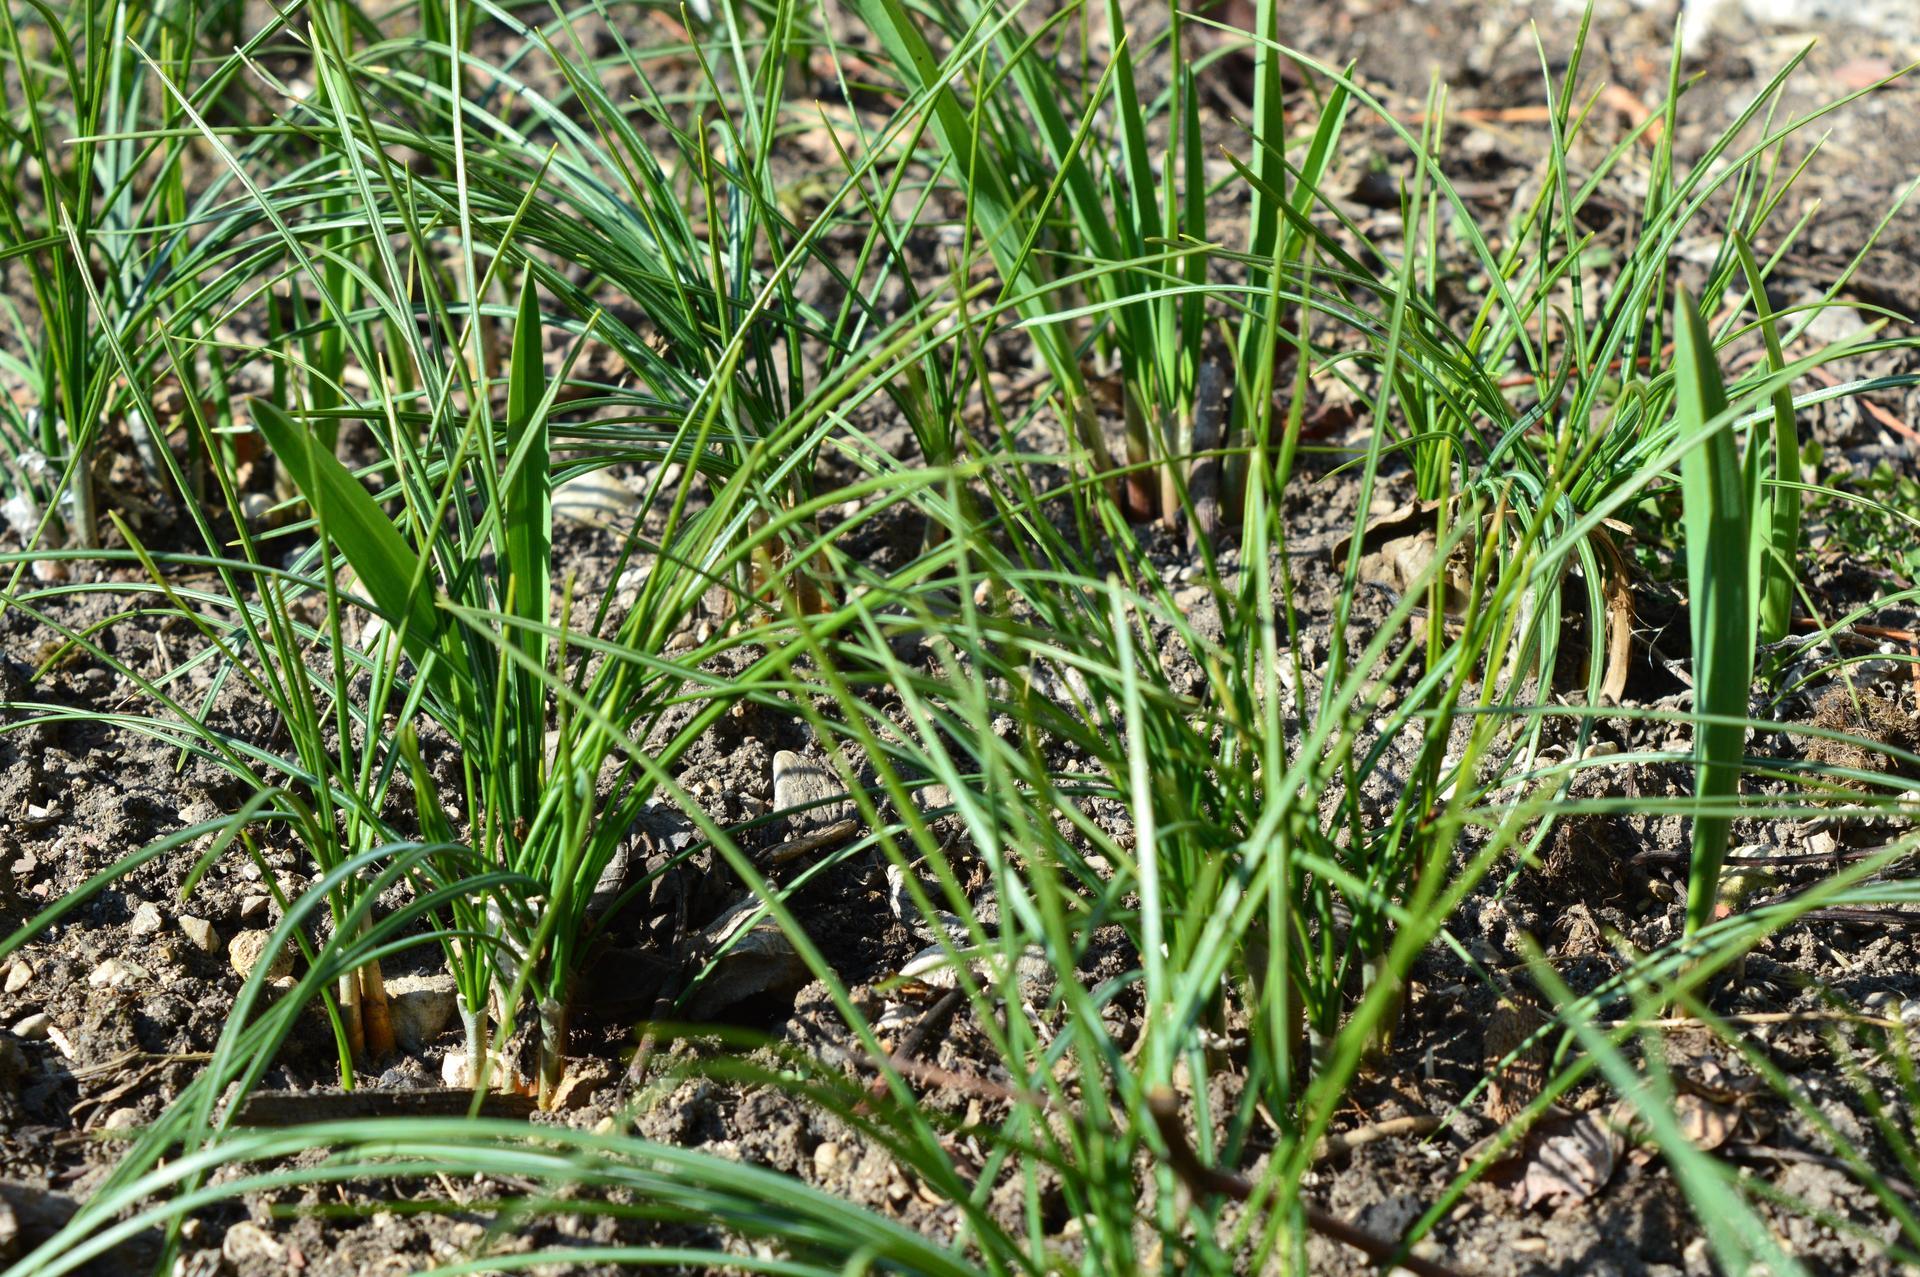 Naša prírodná perma záhradka v roku 2021 - 3/2021 - uhádnete? Okrem zabudnutého vlaňajšieho cesnaku v pozadí a pomedzi je to strapaté pravý šafran